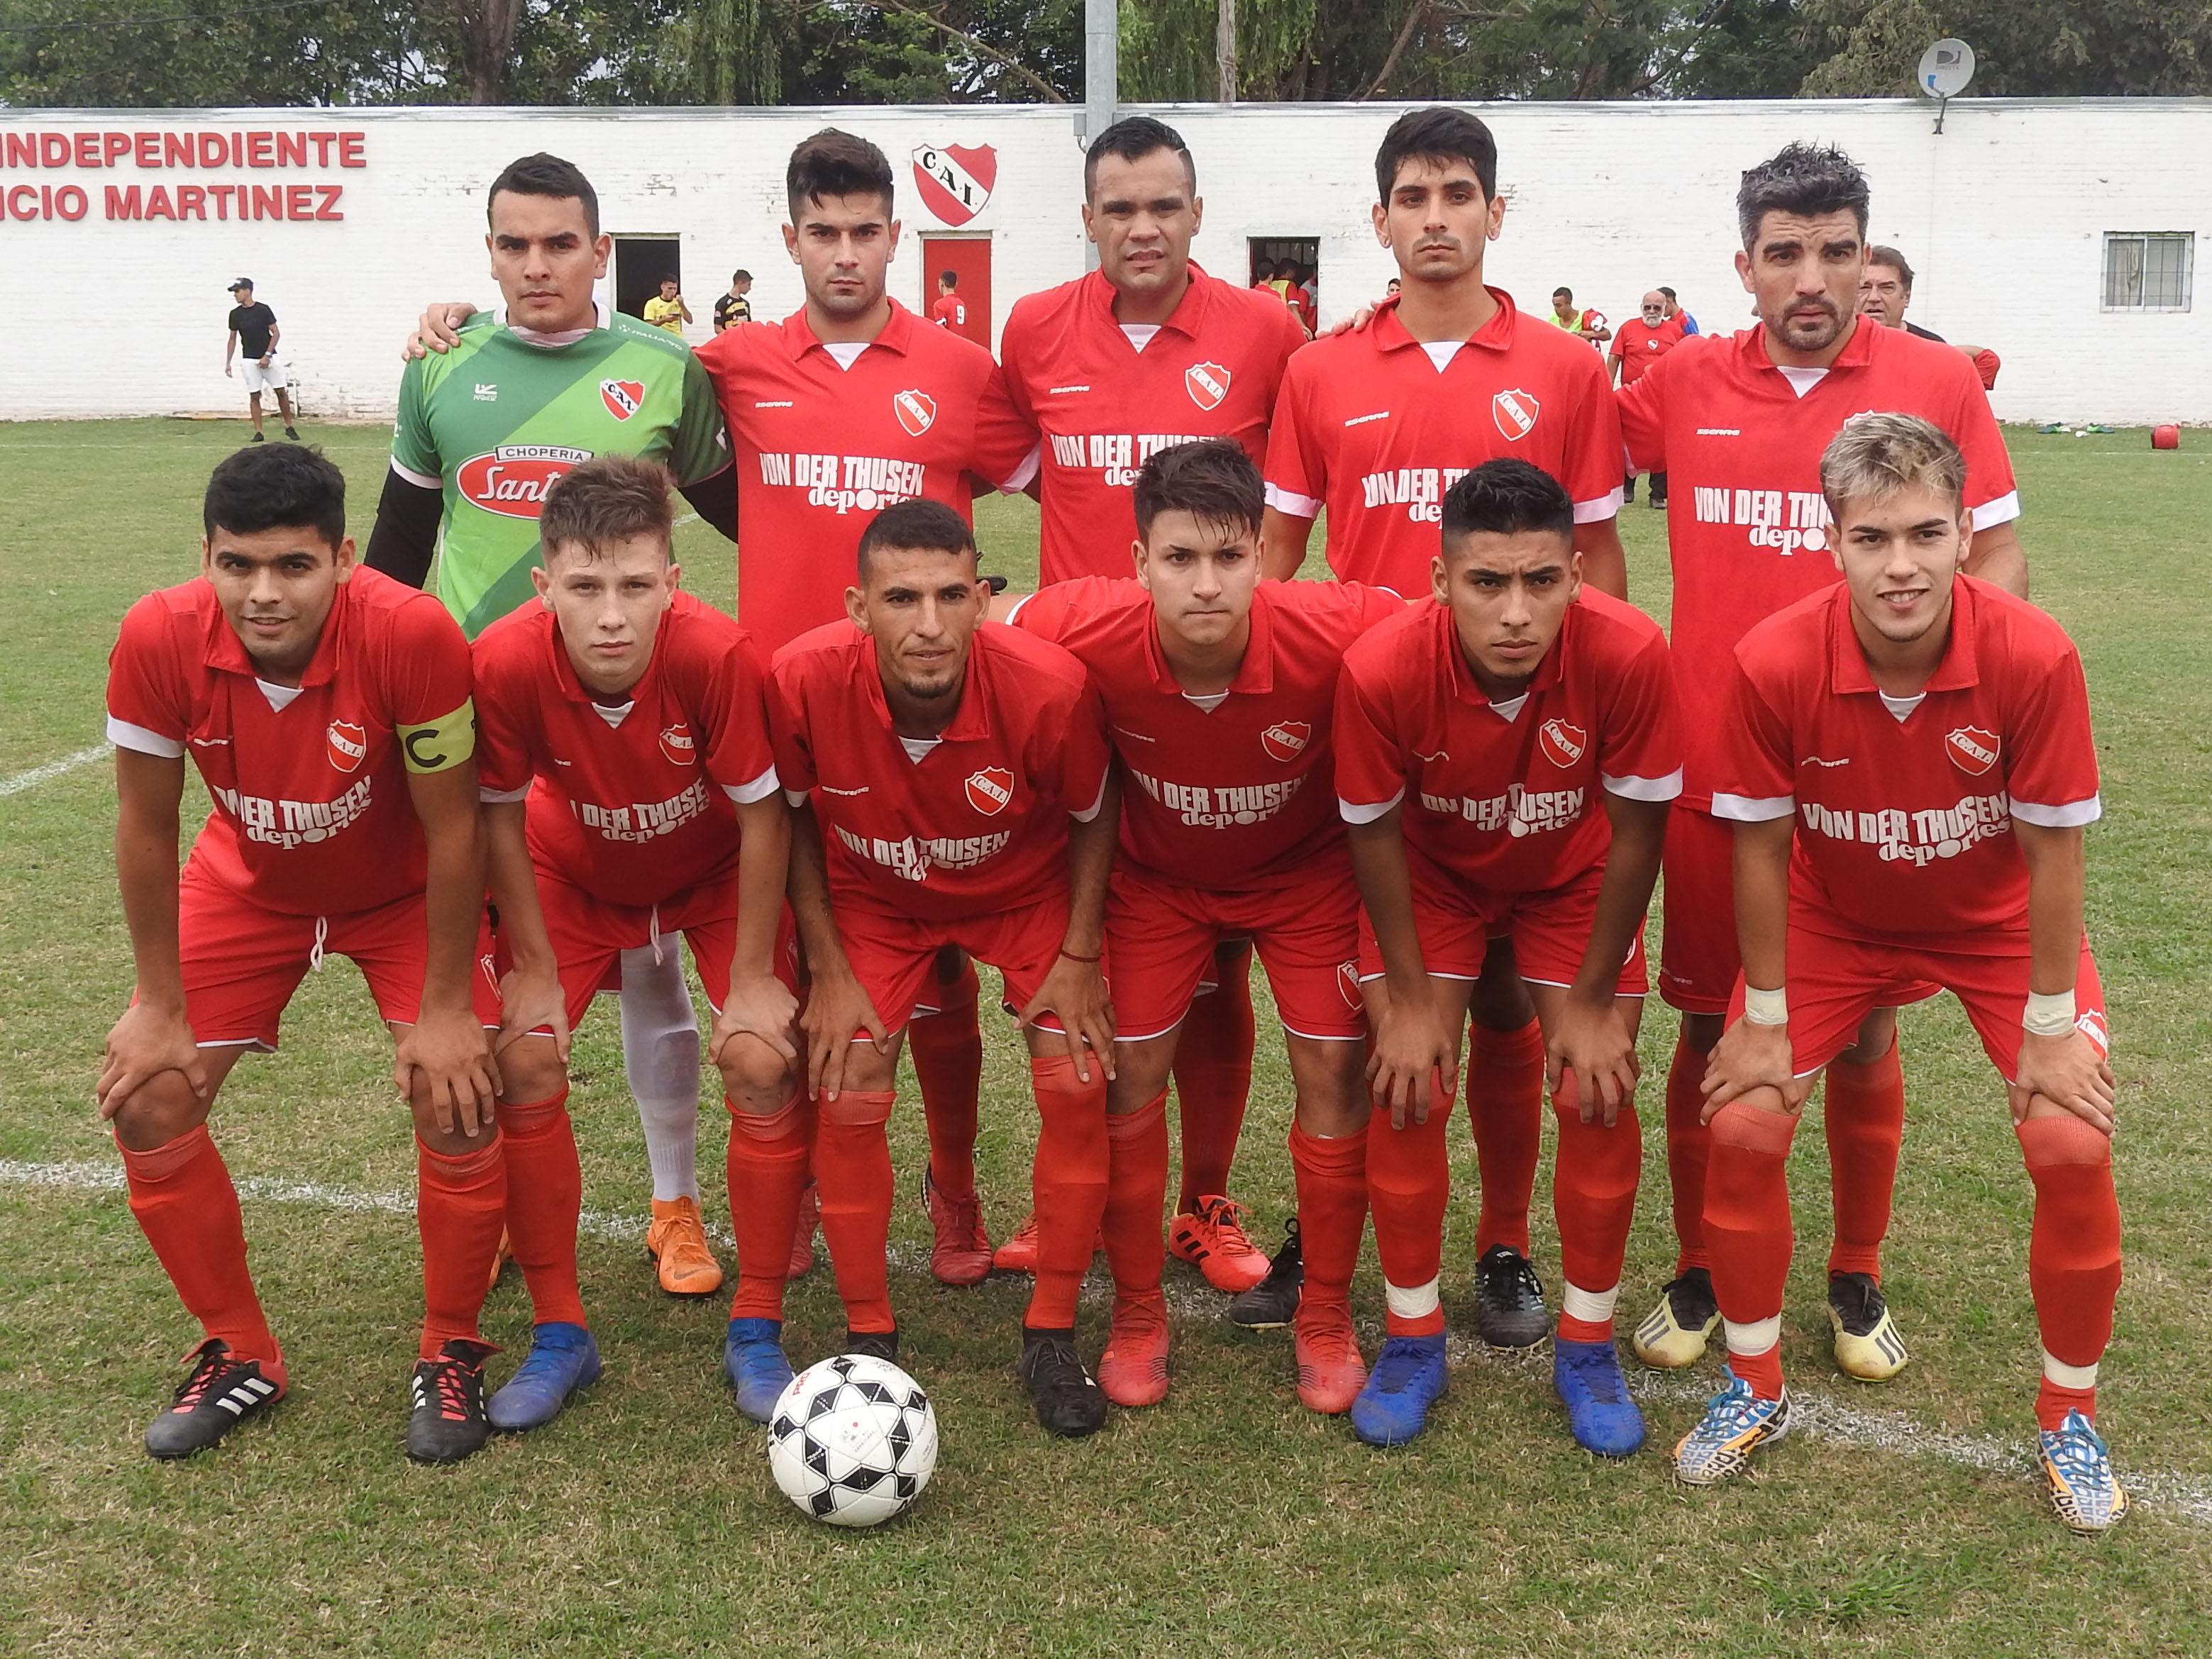 Independiente ganó en el 15 de Abril